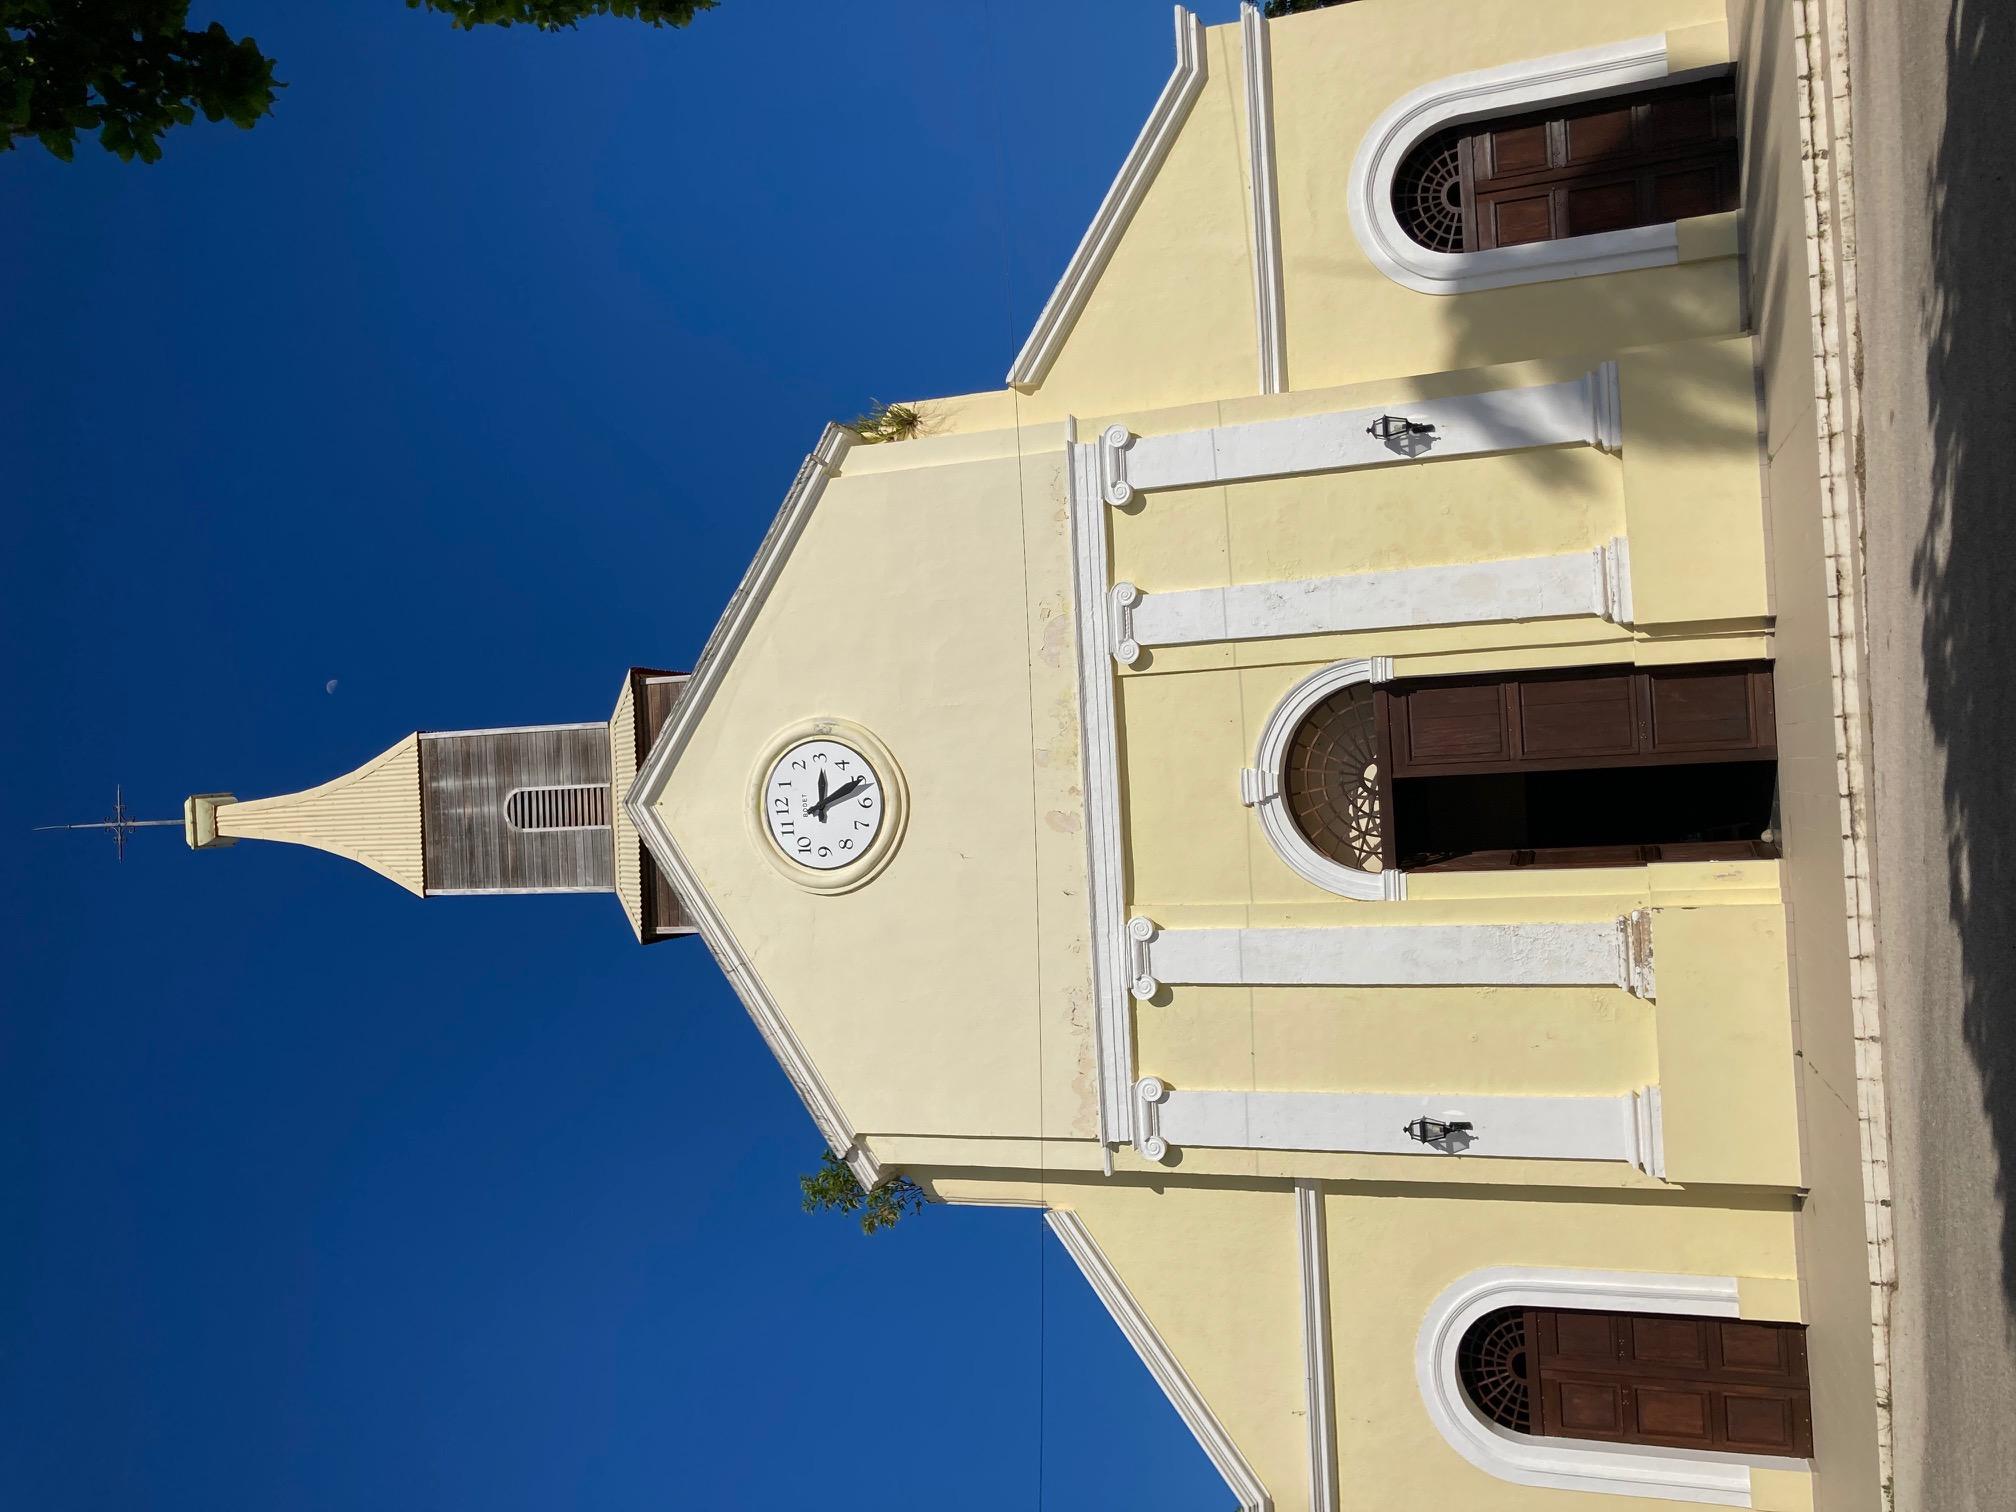 Eglise Notre Dame de la Visitation de Port Louis